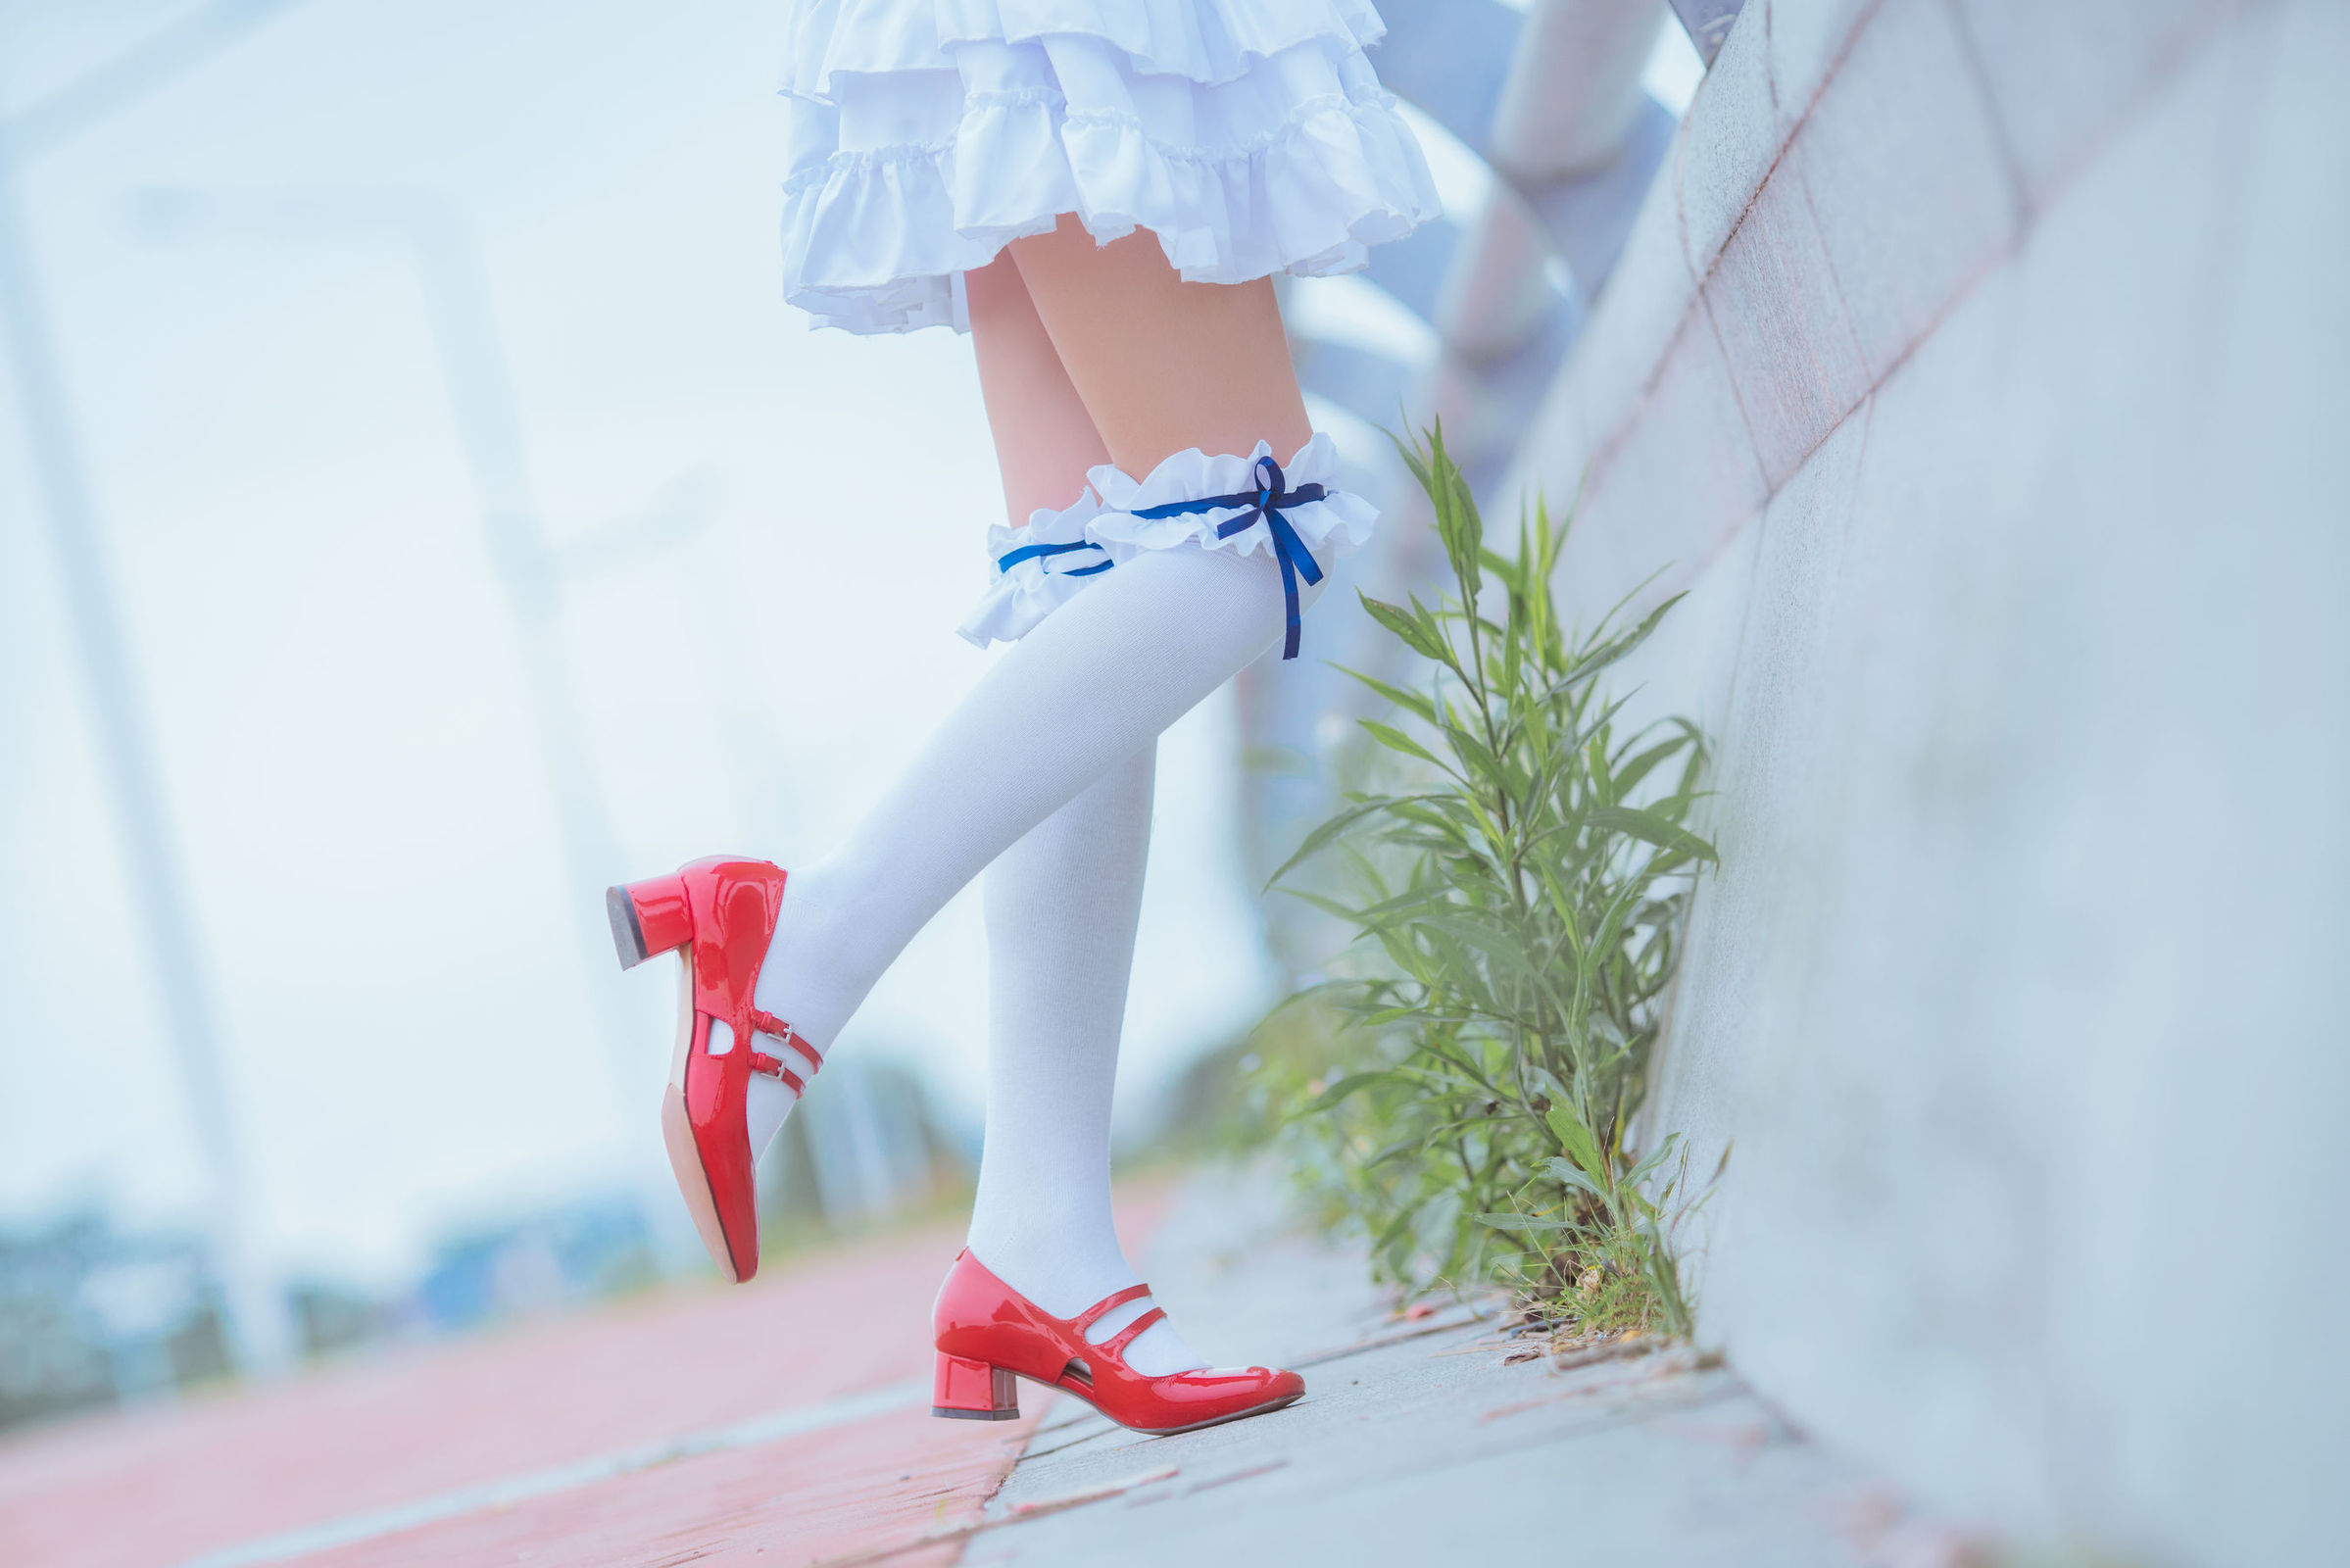 红衣白帽初印象 粉红睡衣白丝袜-桜桃喵《路人女主的养成方法》加藤惠COS  动漫漫画 第33张